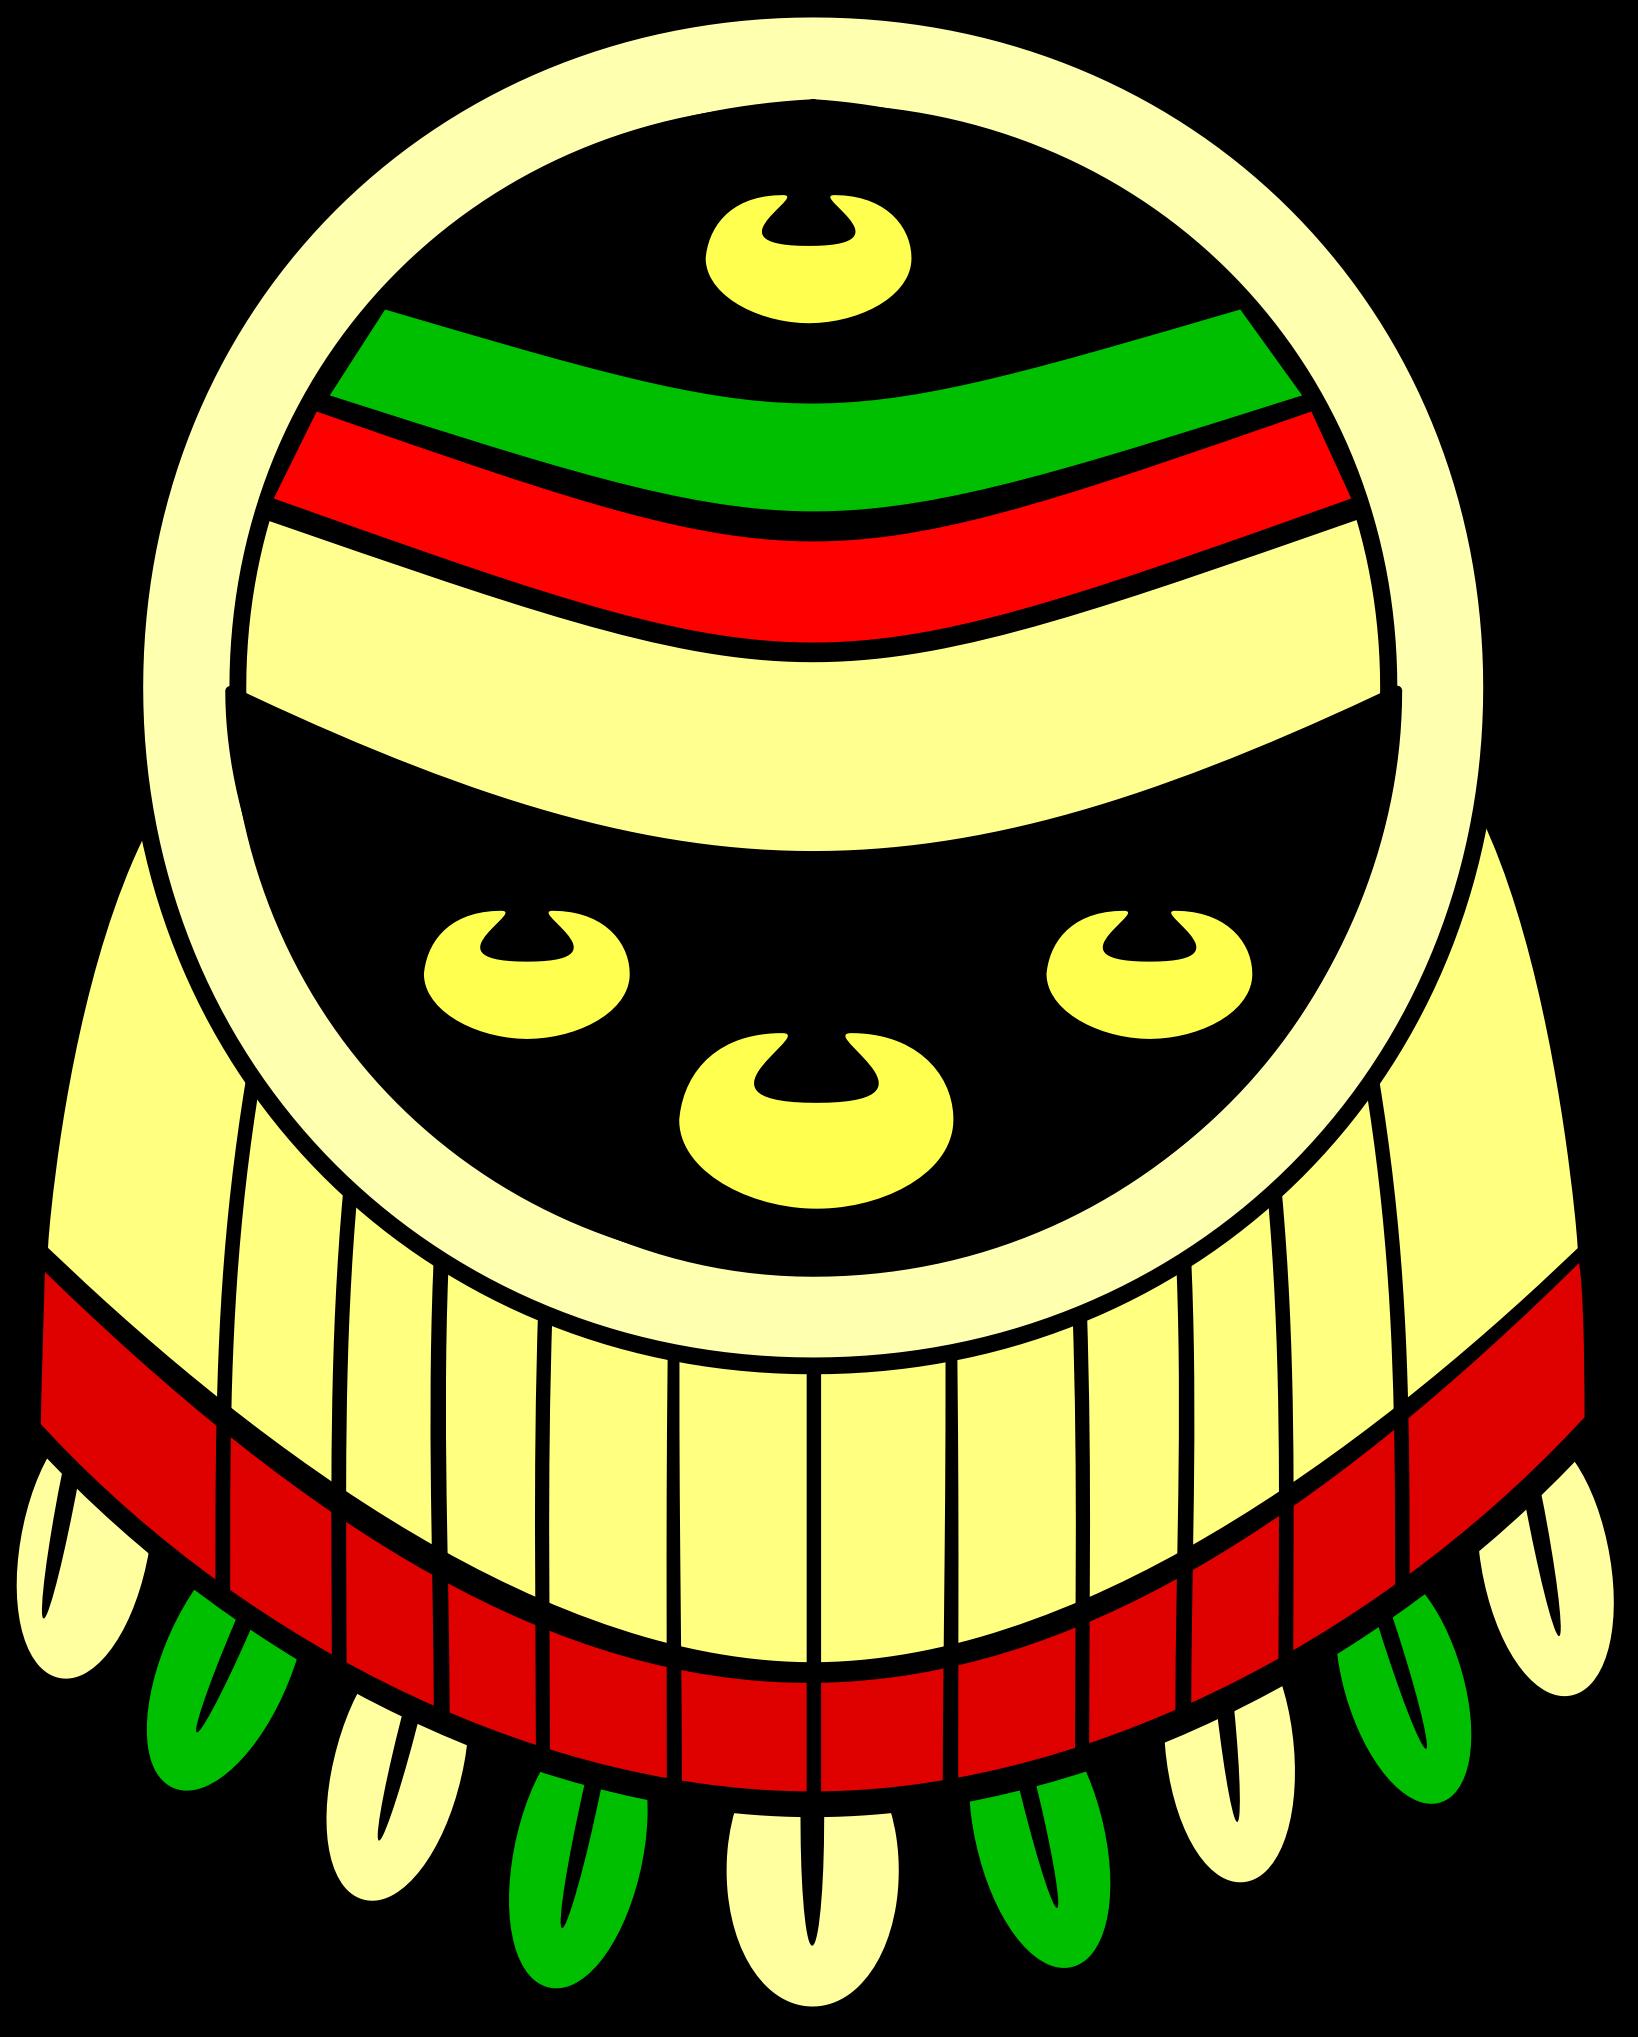 Farmer clipart aztec. Shield escudo chimalli big